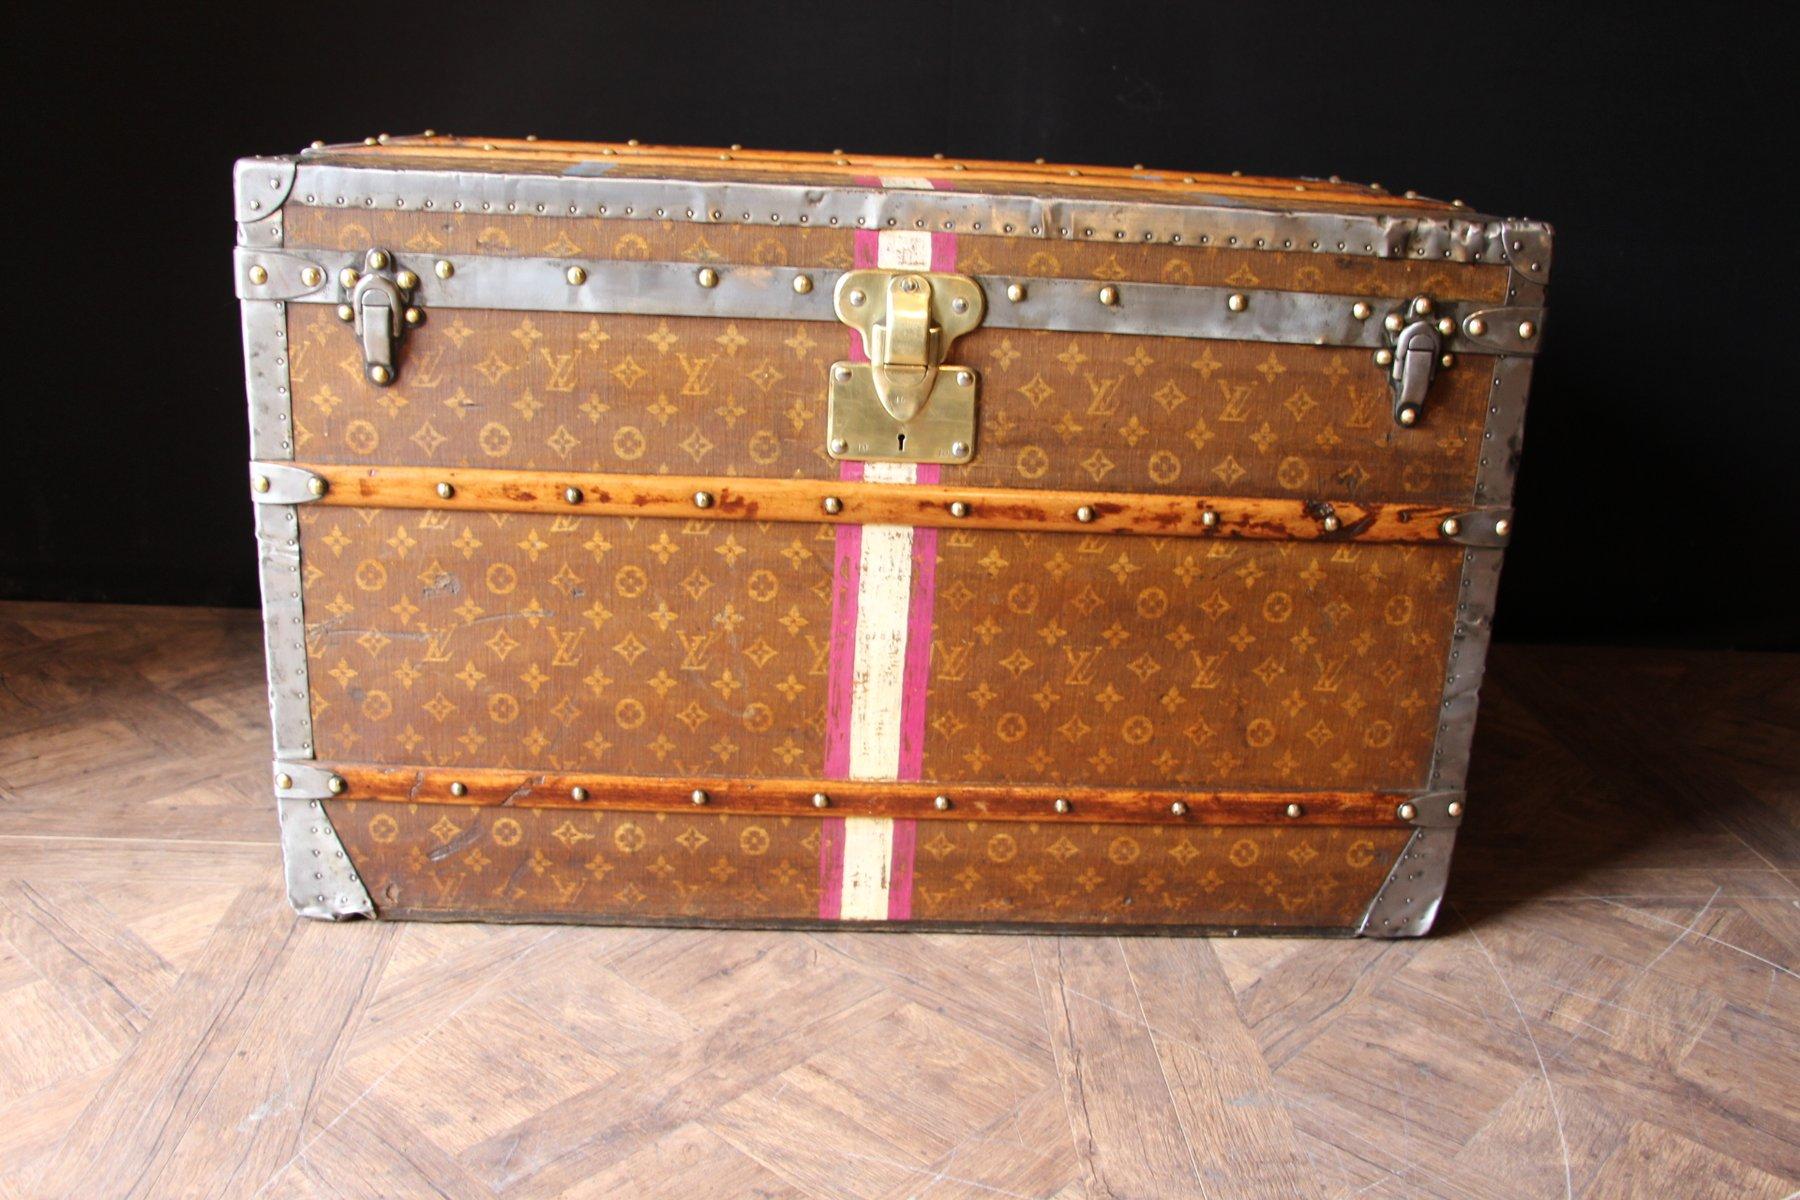 franz sischer reisekoffer mit lv monogramm von louis vuitton 1890er bei pamono kaufen. Black Bedroom Furniture Sets. Home Design Ideas